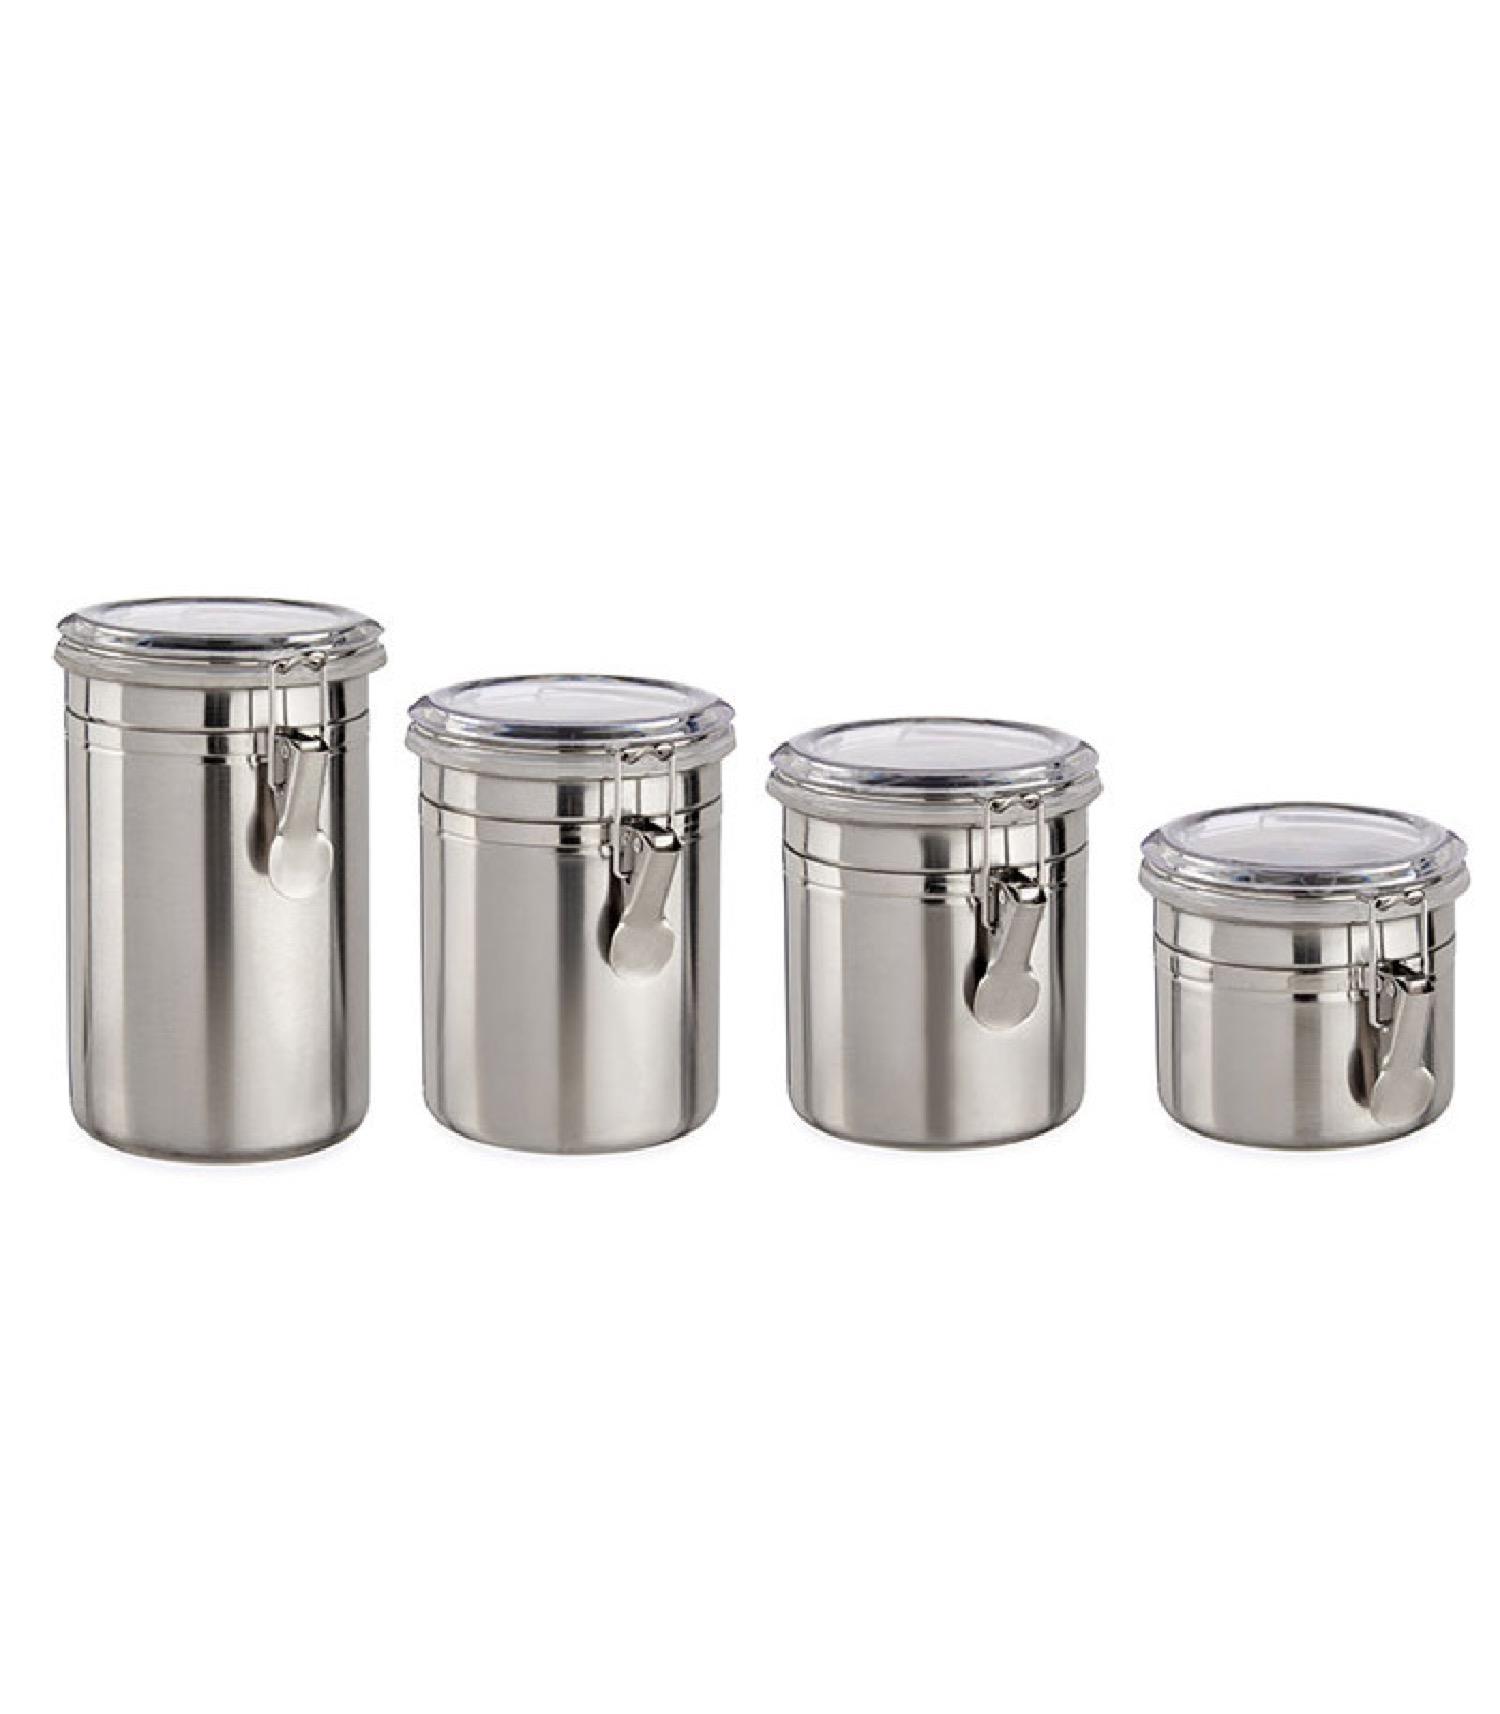 Set de 4 bocaux de cuisine hermétiques inox couvercle clip